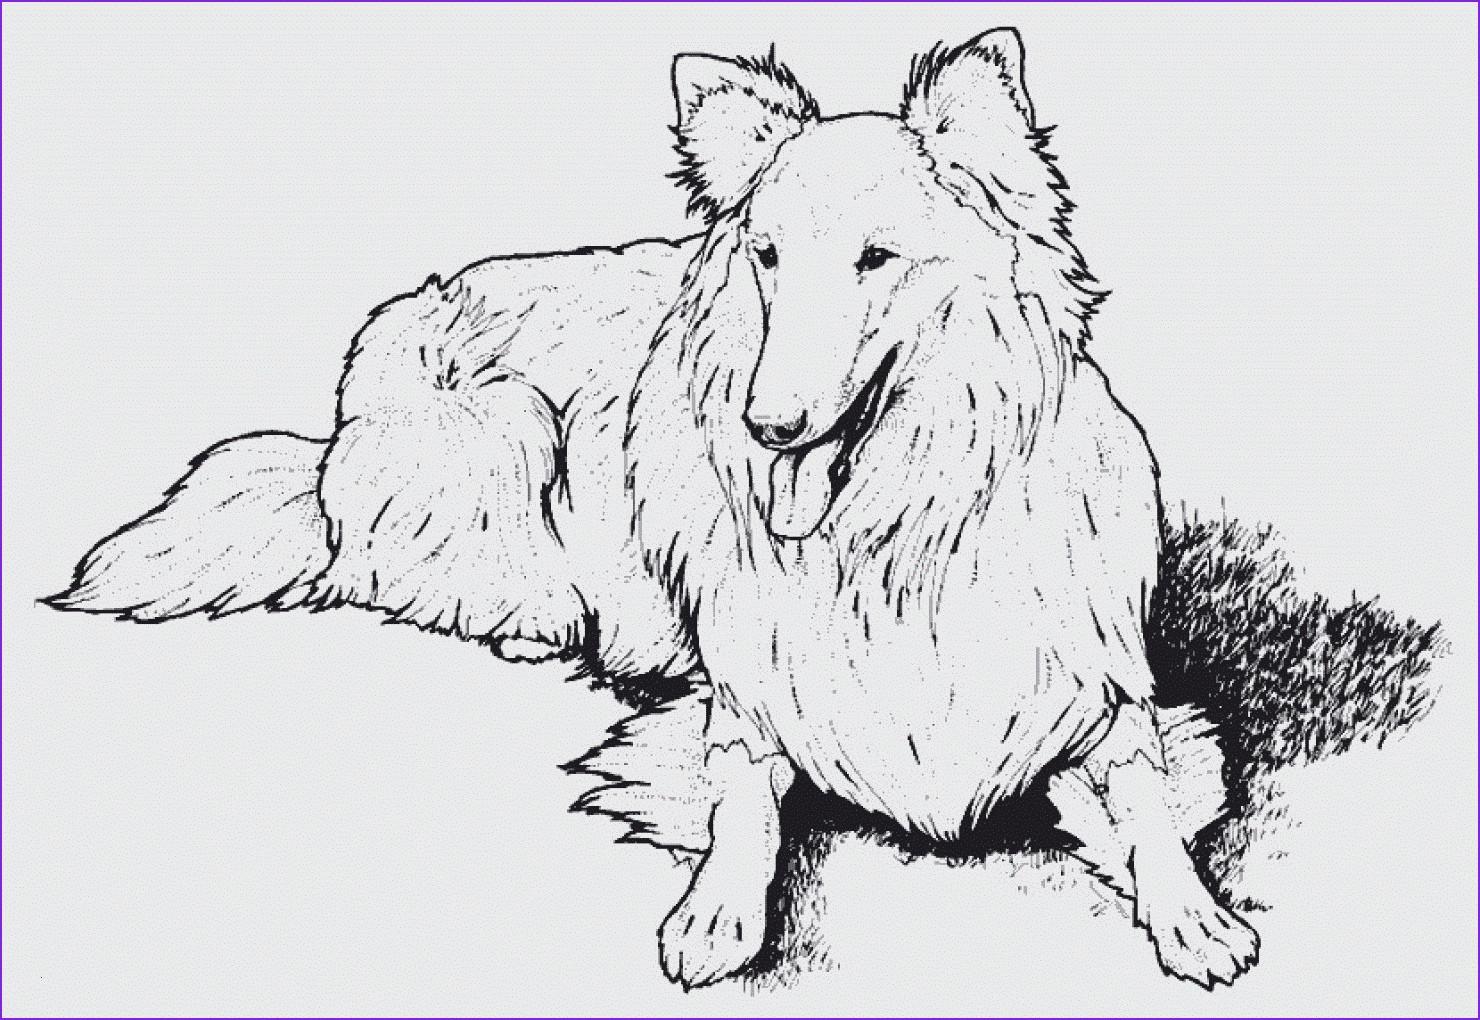 Ausmalbilder Zum Ausdrucken Hunde Inspirierend Bildergalerie & Bilder Zum Ausmalen Malvorlagen Mandala Schön Hunde Das Bild